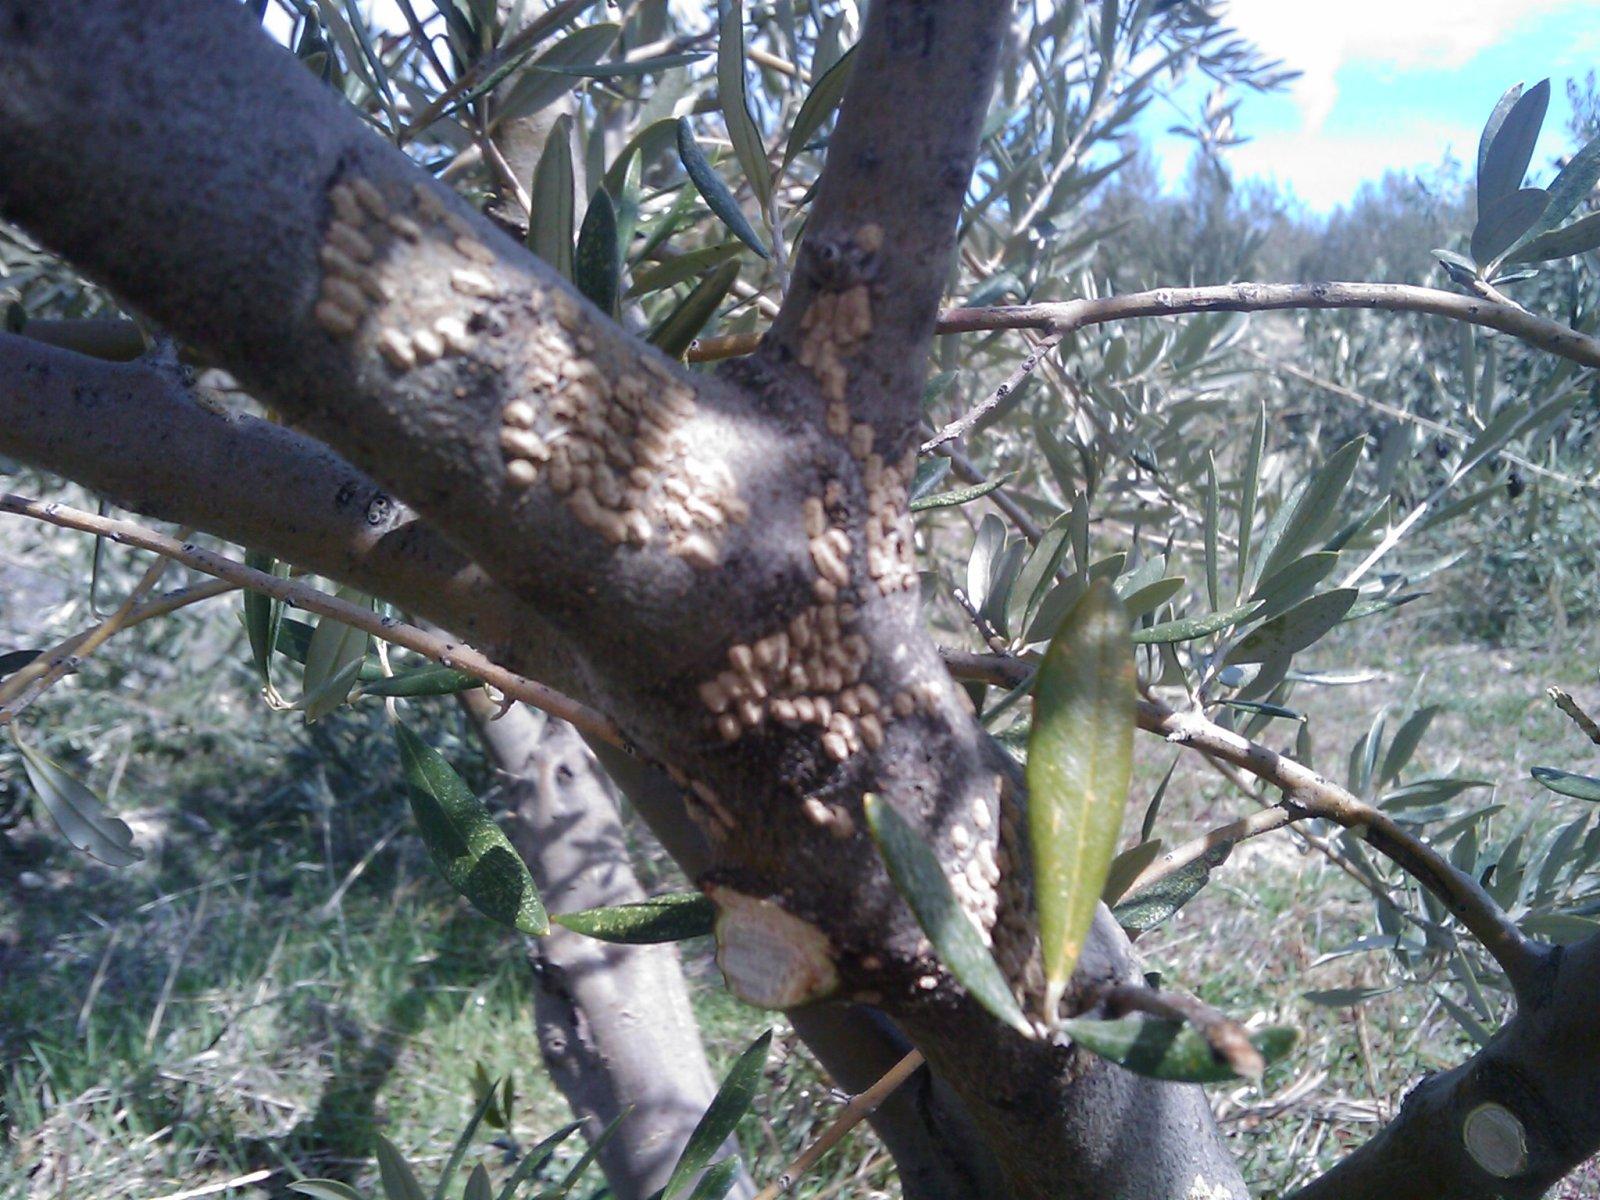 Recuperar olivos en peligro de muerte (Granada) Synjhc